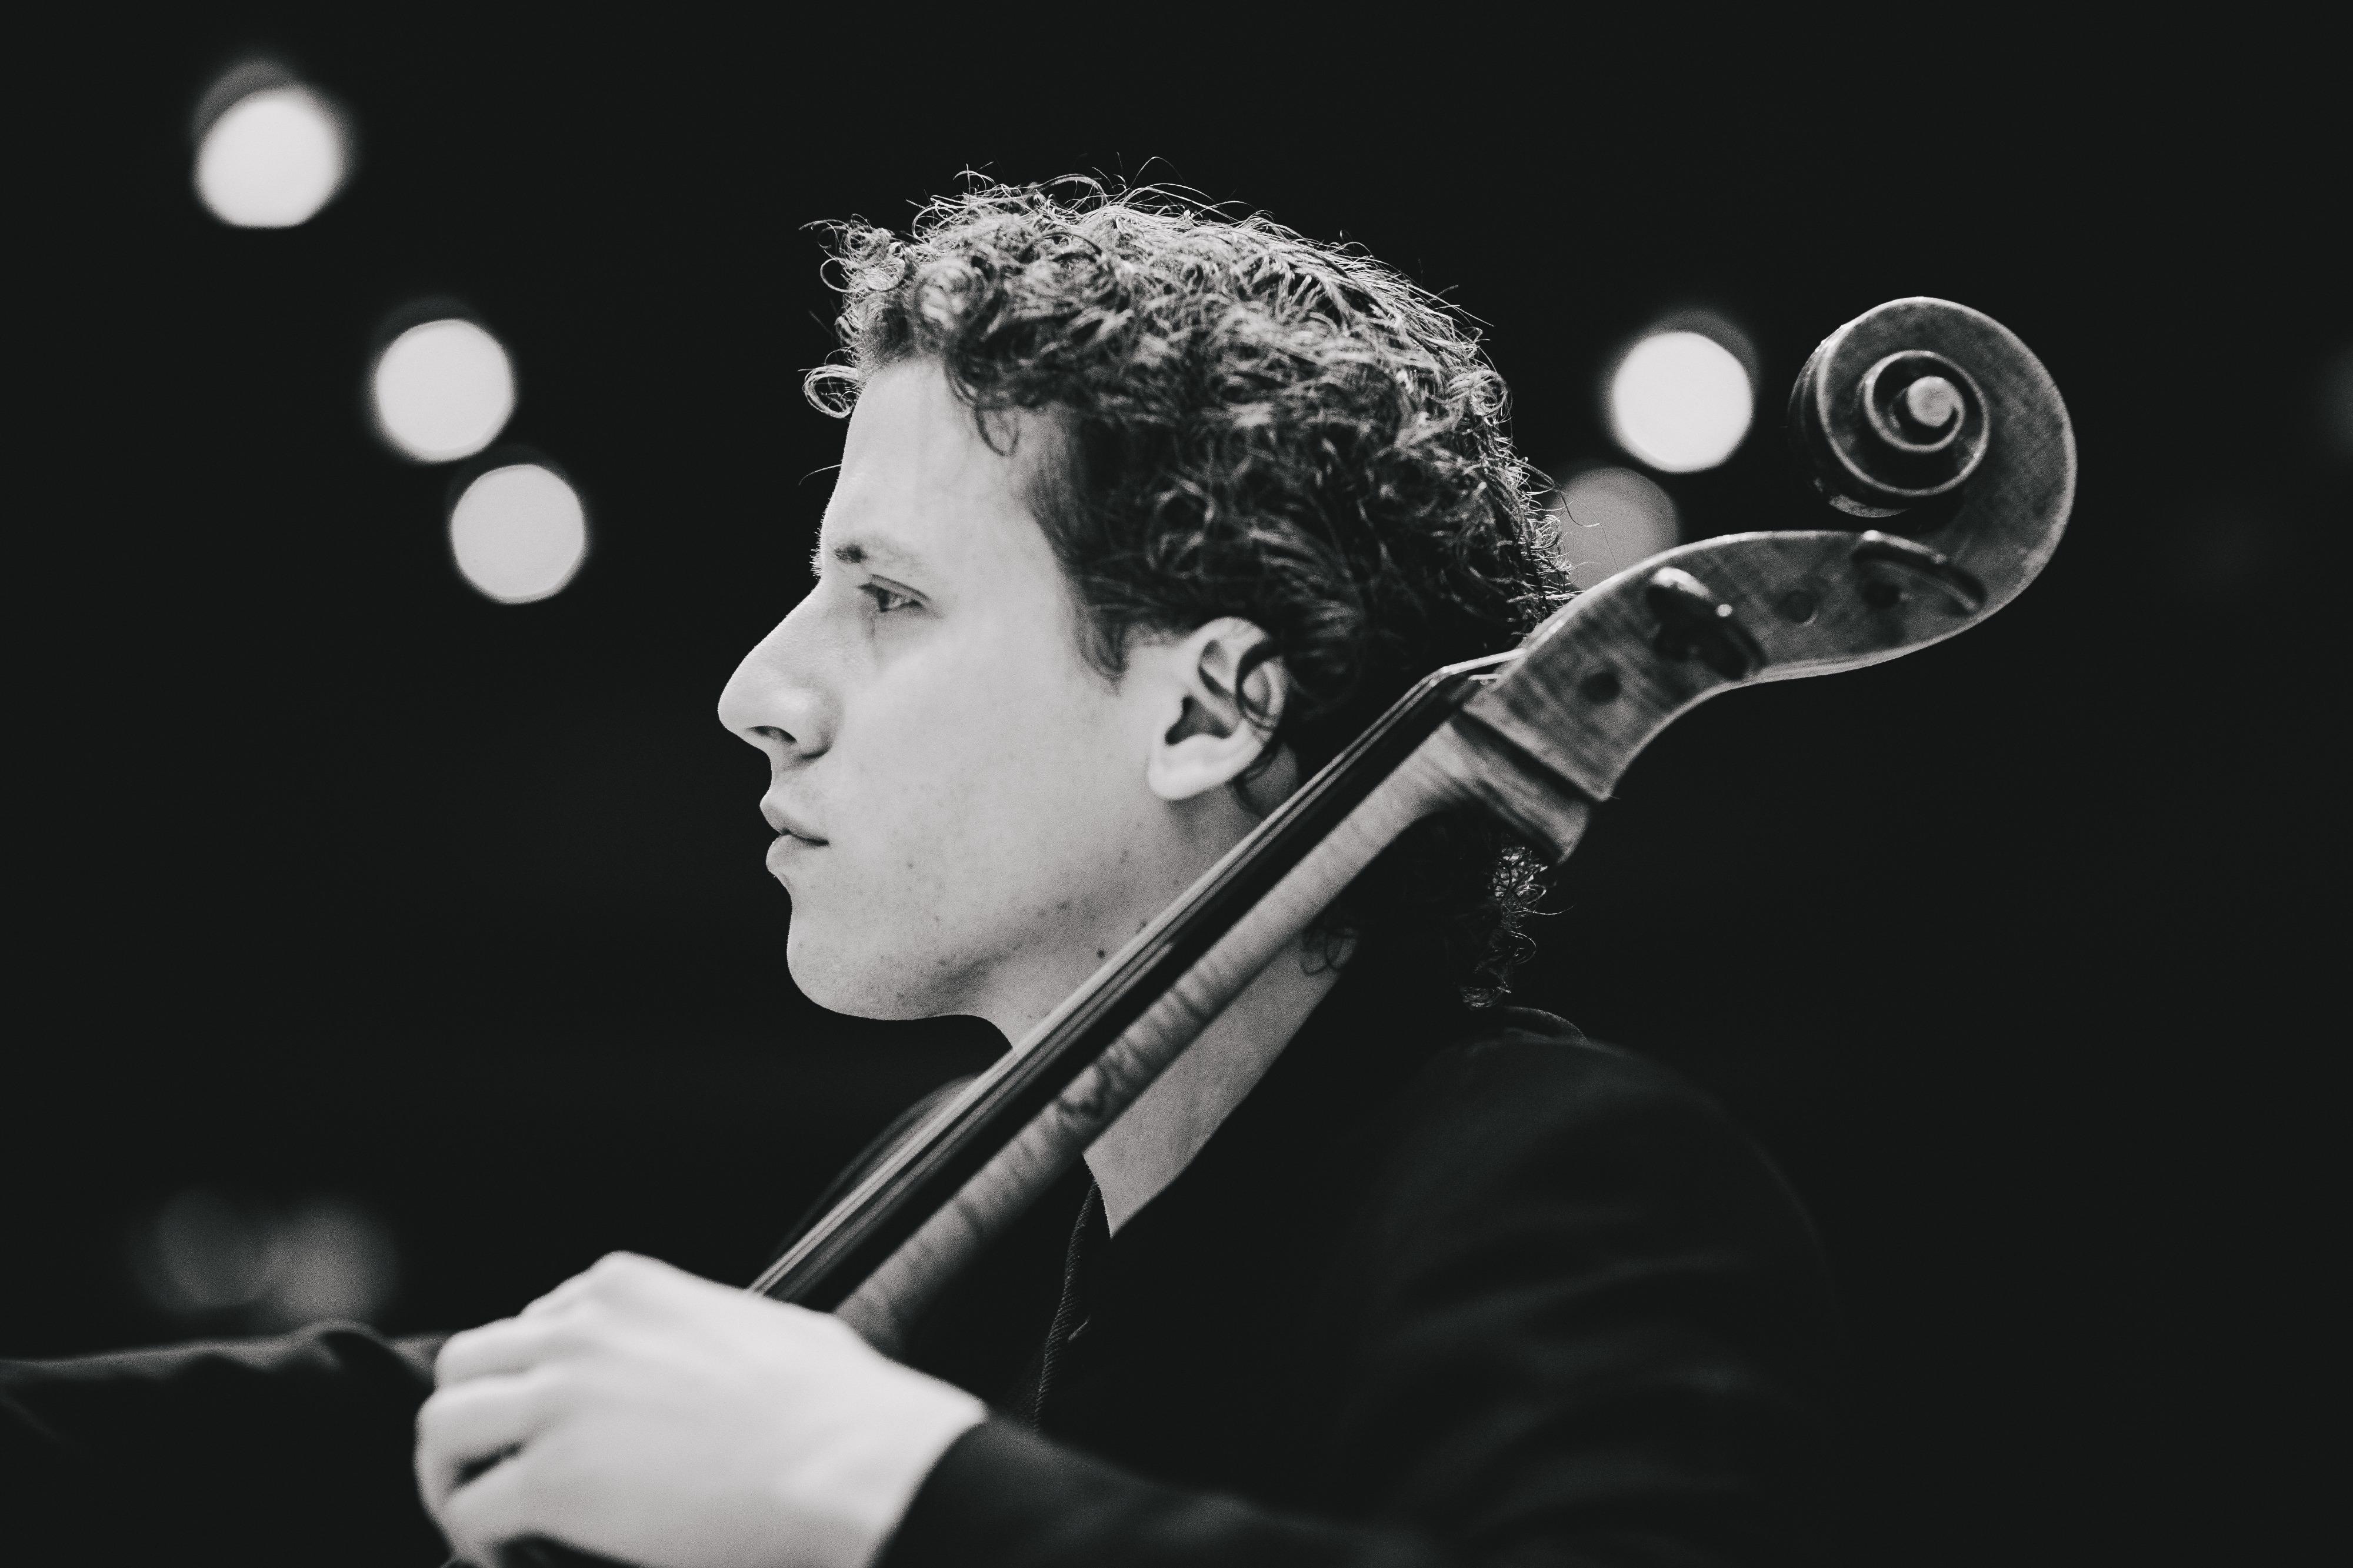 Alberto Martos